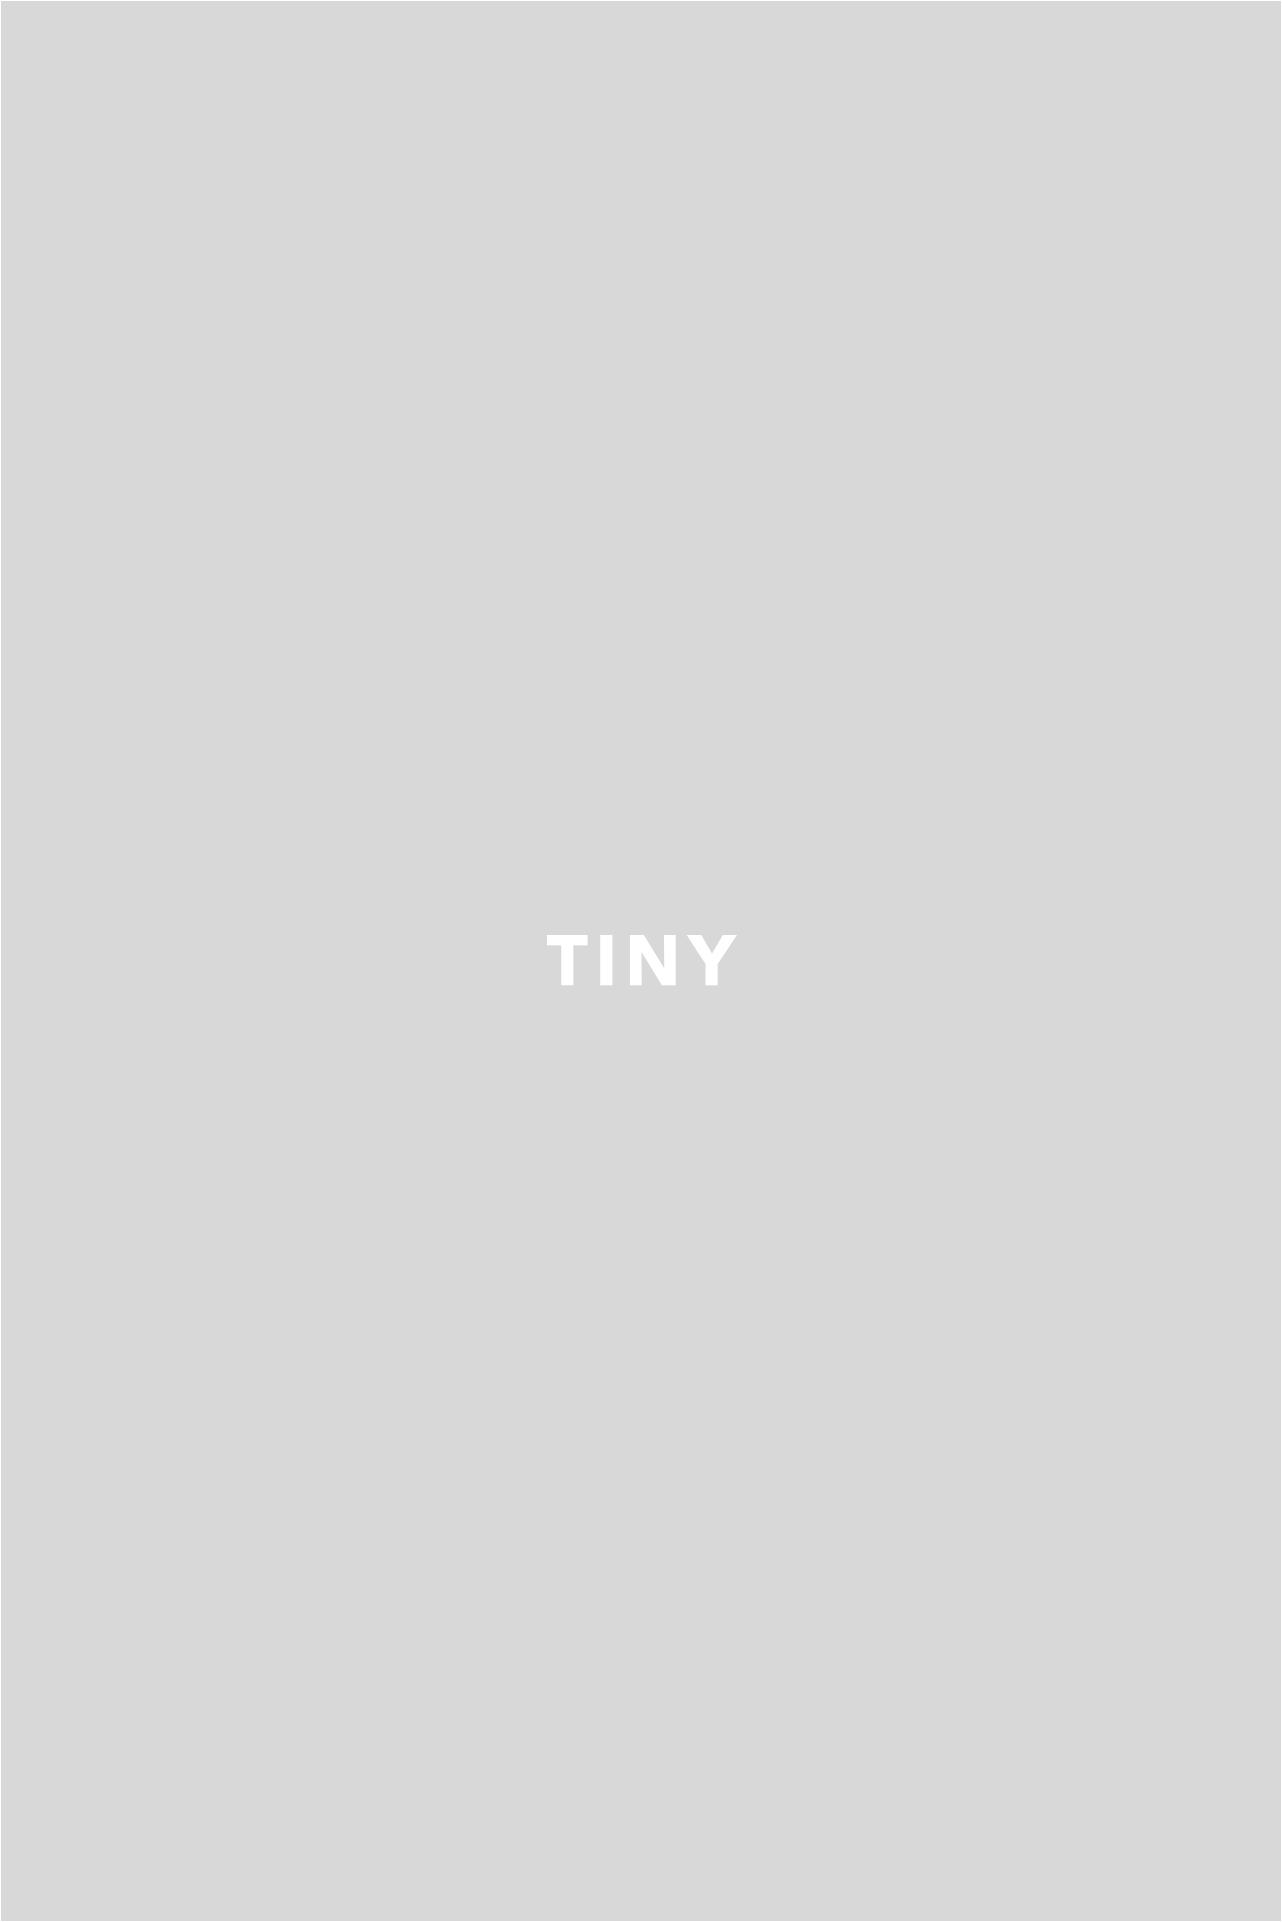 ANIMAL PRINT PANT brown/dark brown